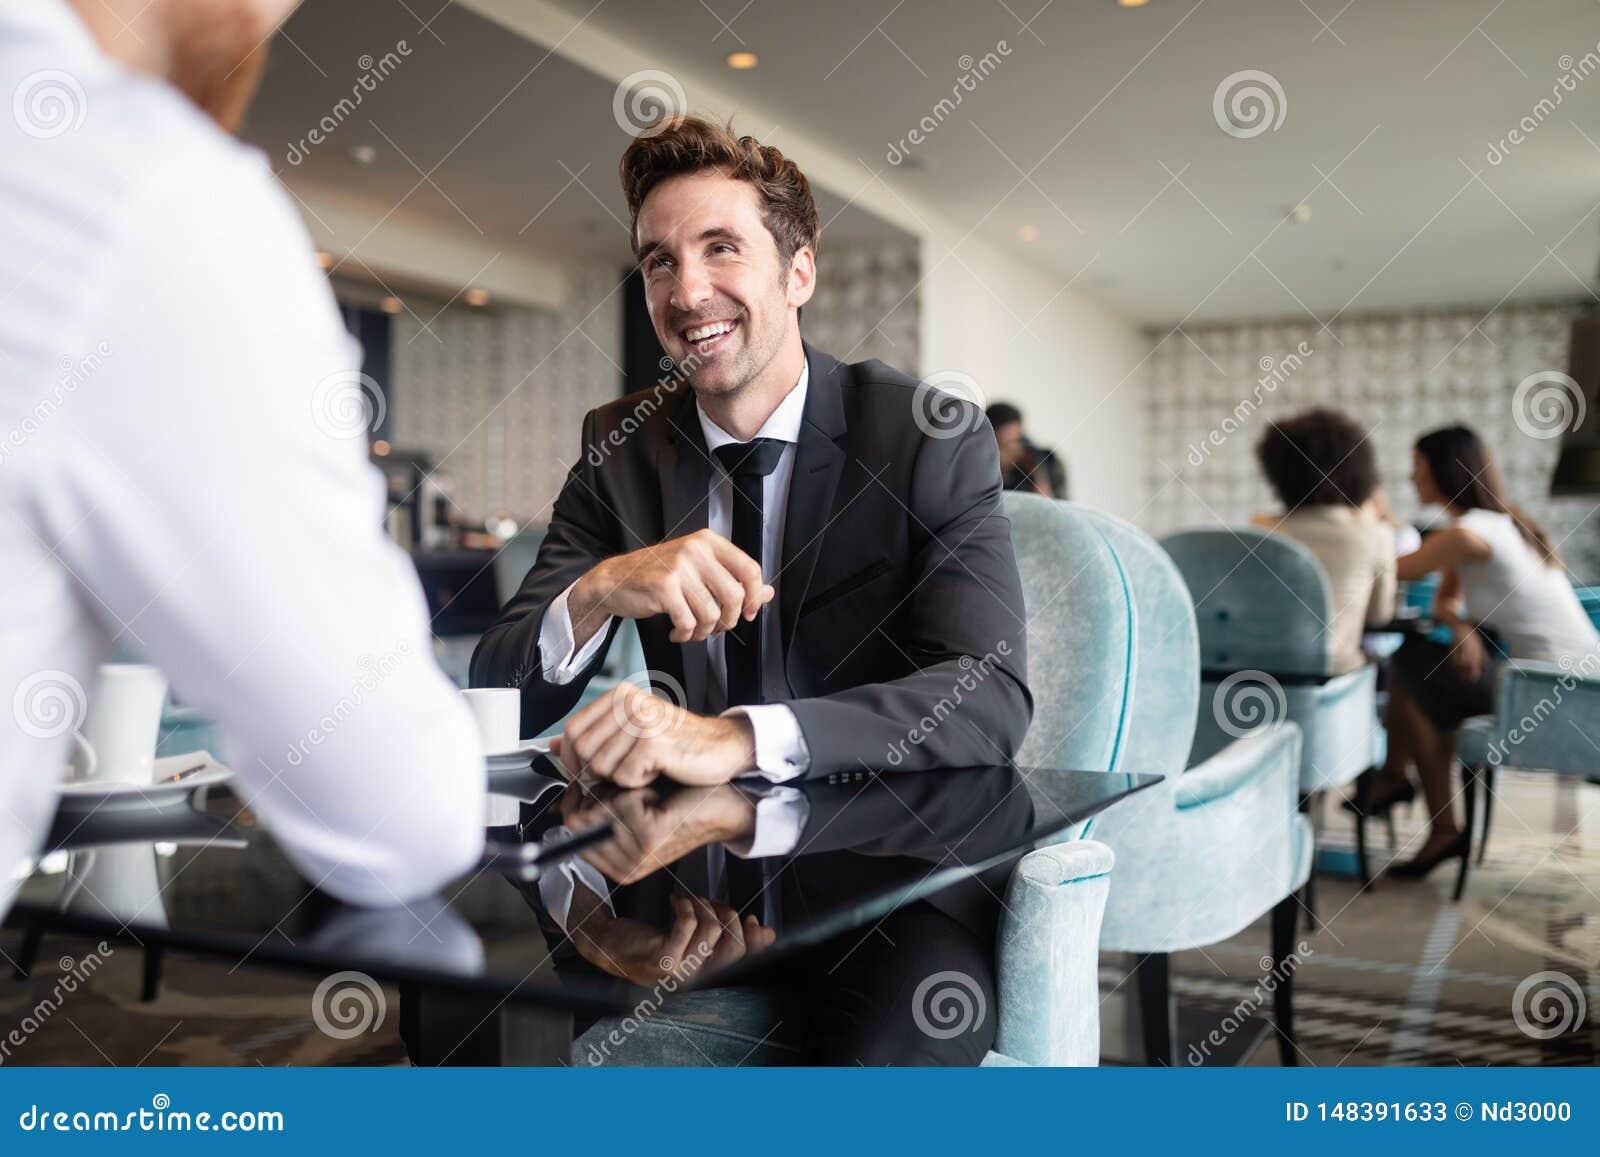 Succesvolle zakenman die terwijl het bespreken met partner tijdens vergadering bij koffiepauze glimlachen